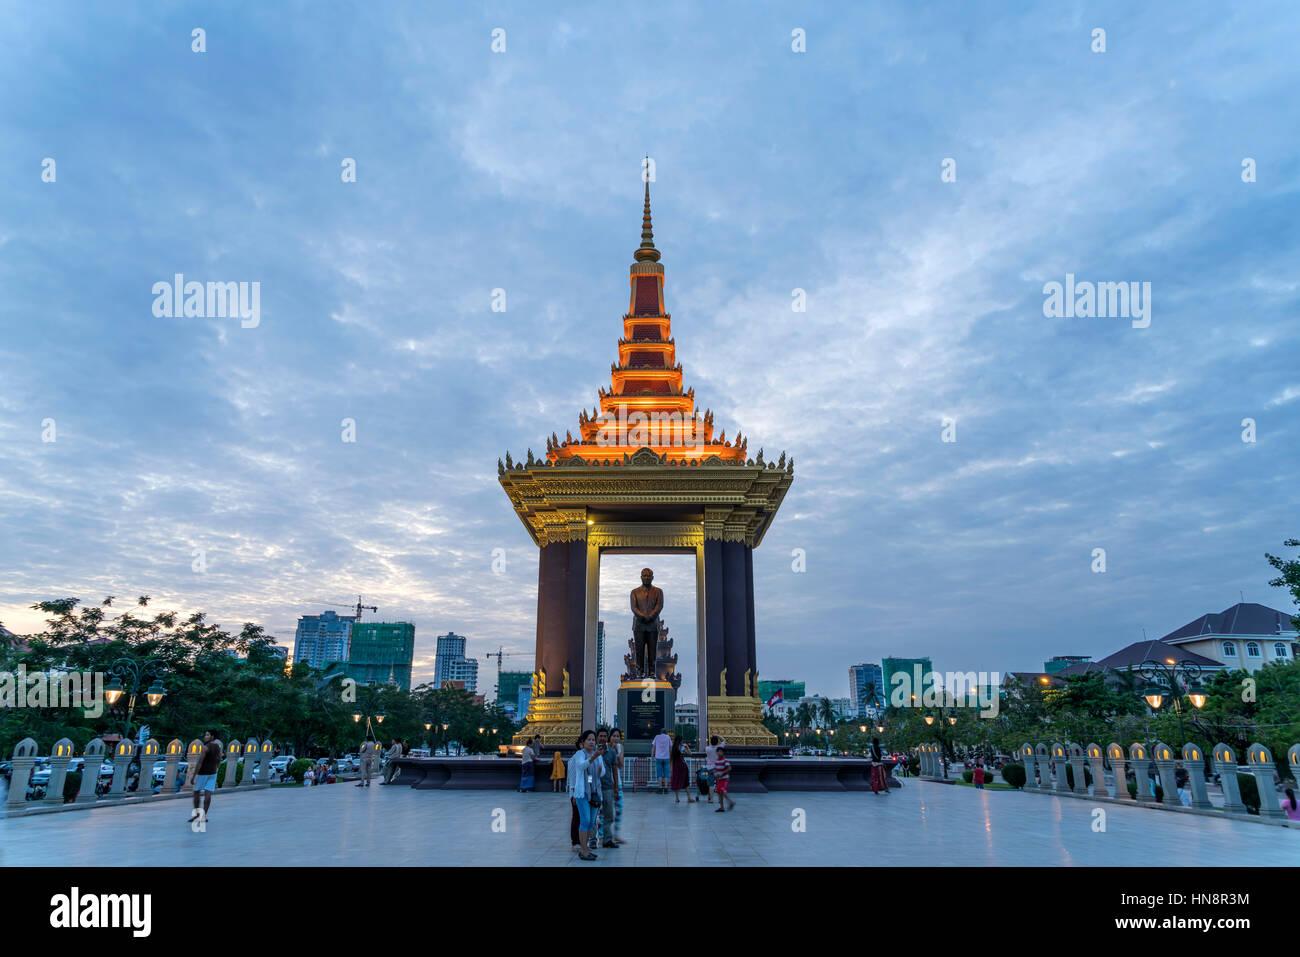 Statue von König Norodom Sihanouk in der Abenddämmerung, Phnom Penh, Kambodscha, Asien  |  Statue of King Father Stock Photo